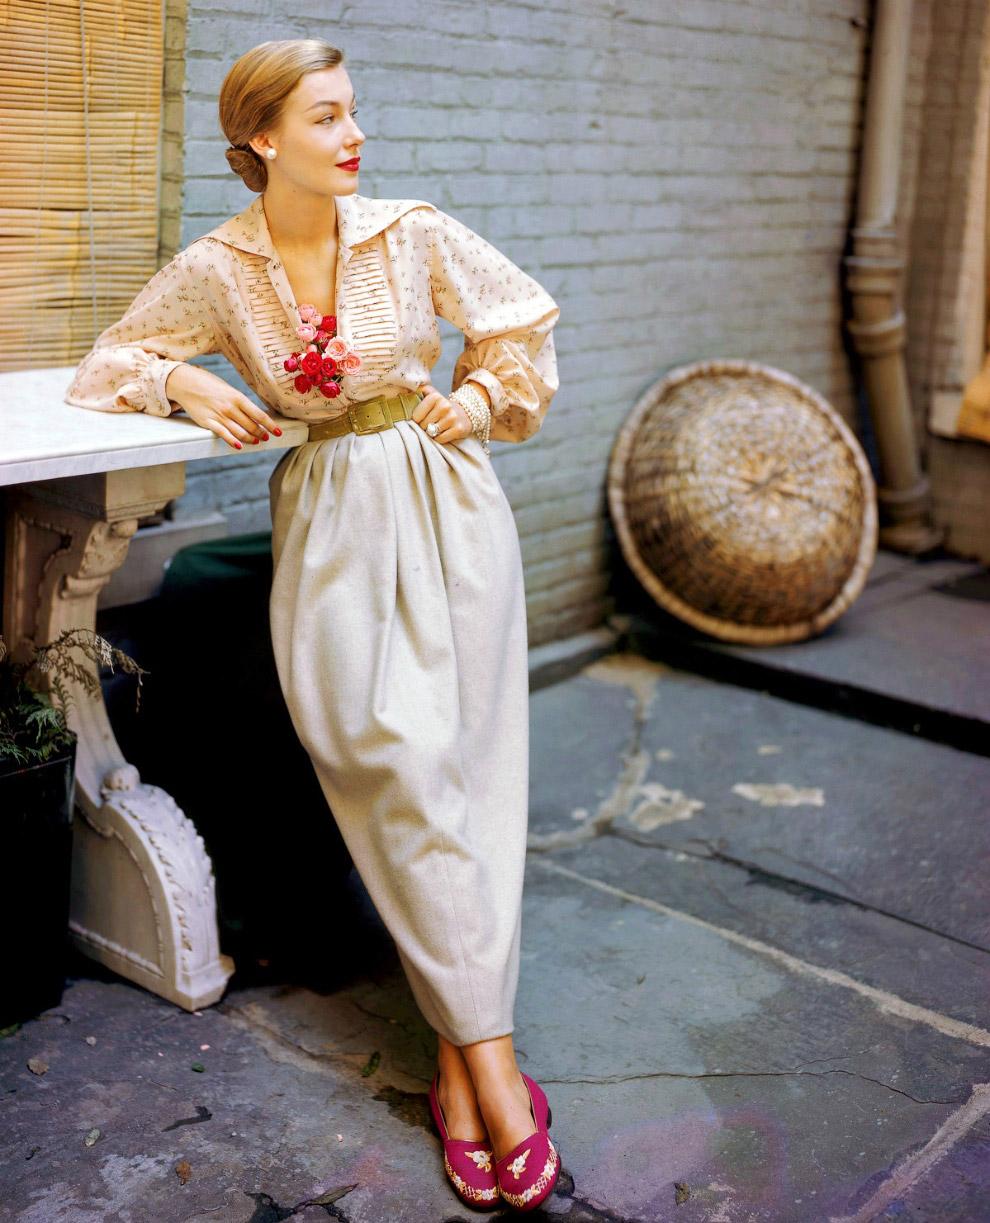 Модель в одежде от Джосет Уокер. Фото Женевьев Нейлор, 1949 год.